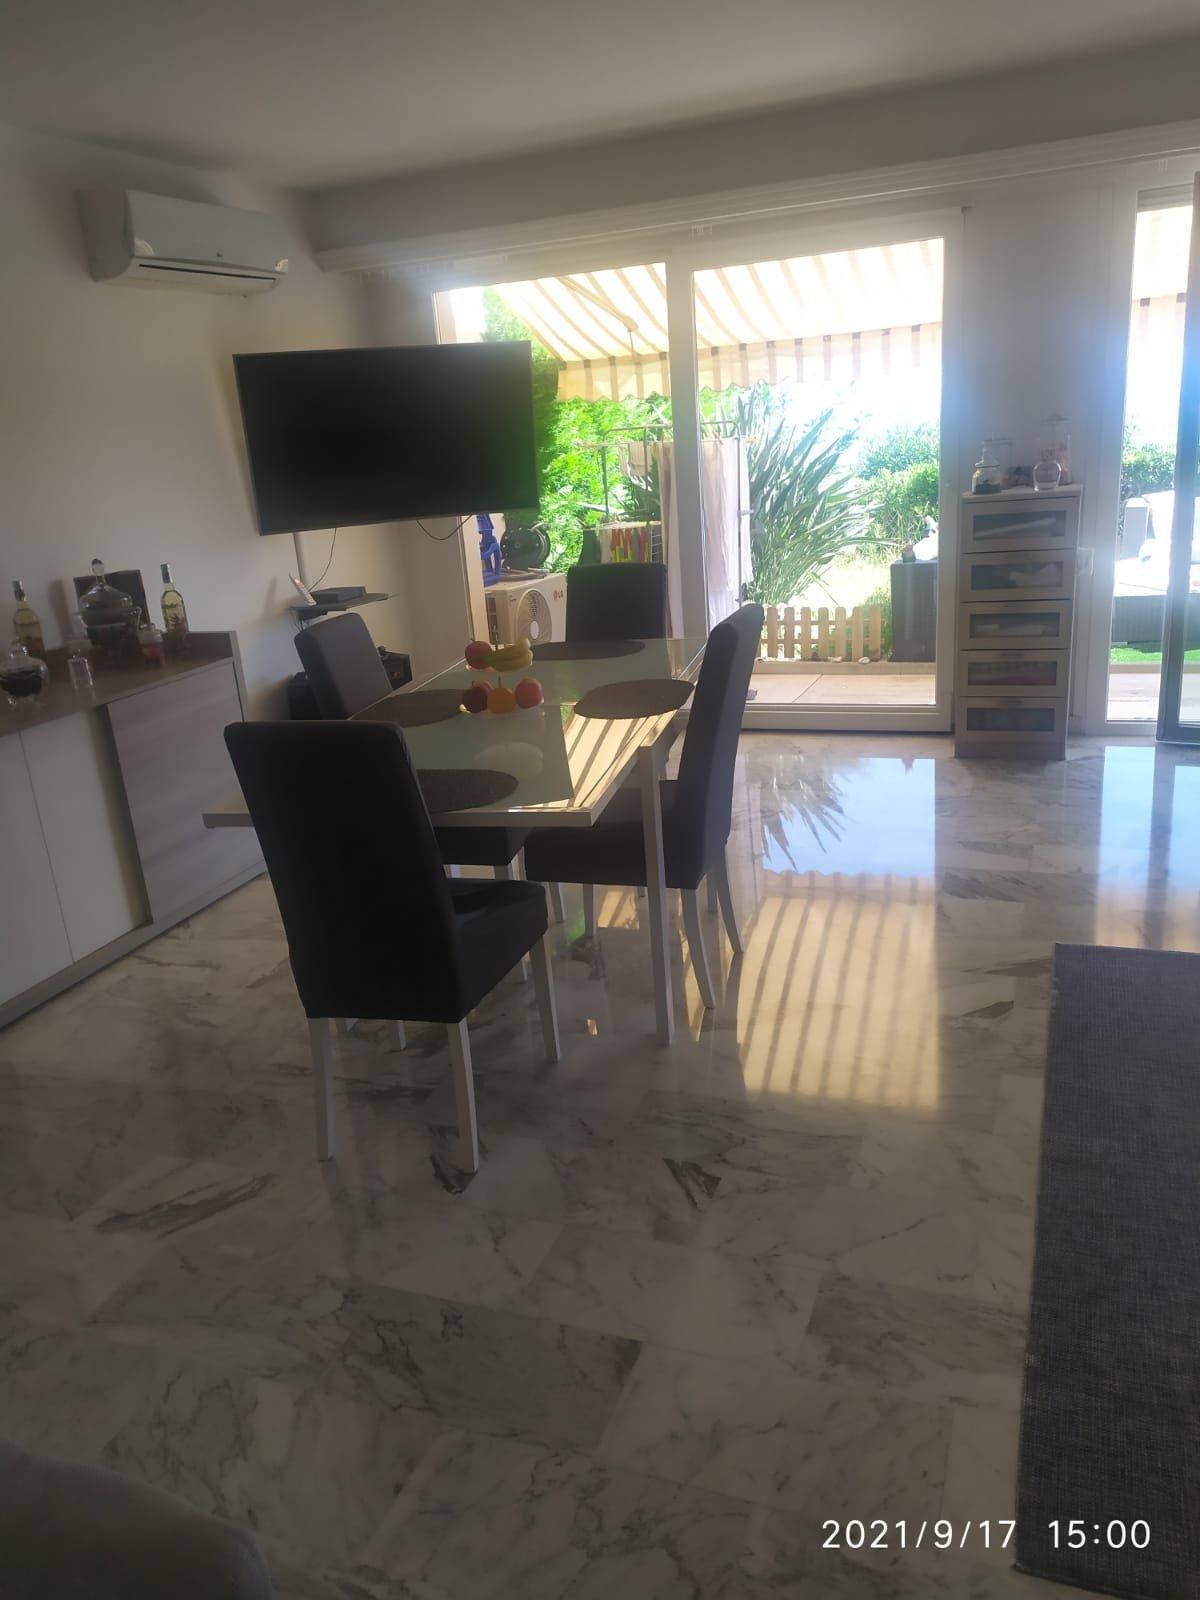 EXCLUSIF- Menton Garavan- Superbe T3 de 76m² avec jardin de 60m²- Vue mer- résidence Standing- Piscine